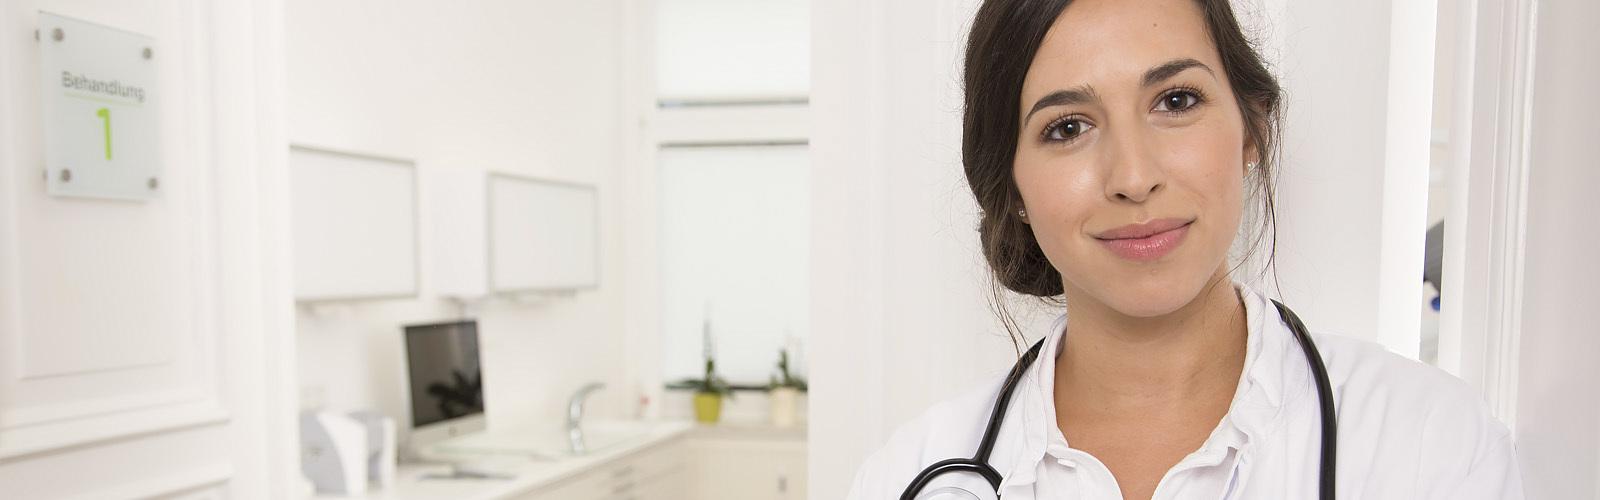 Portrett av smilende lege på legekontor